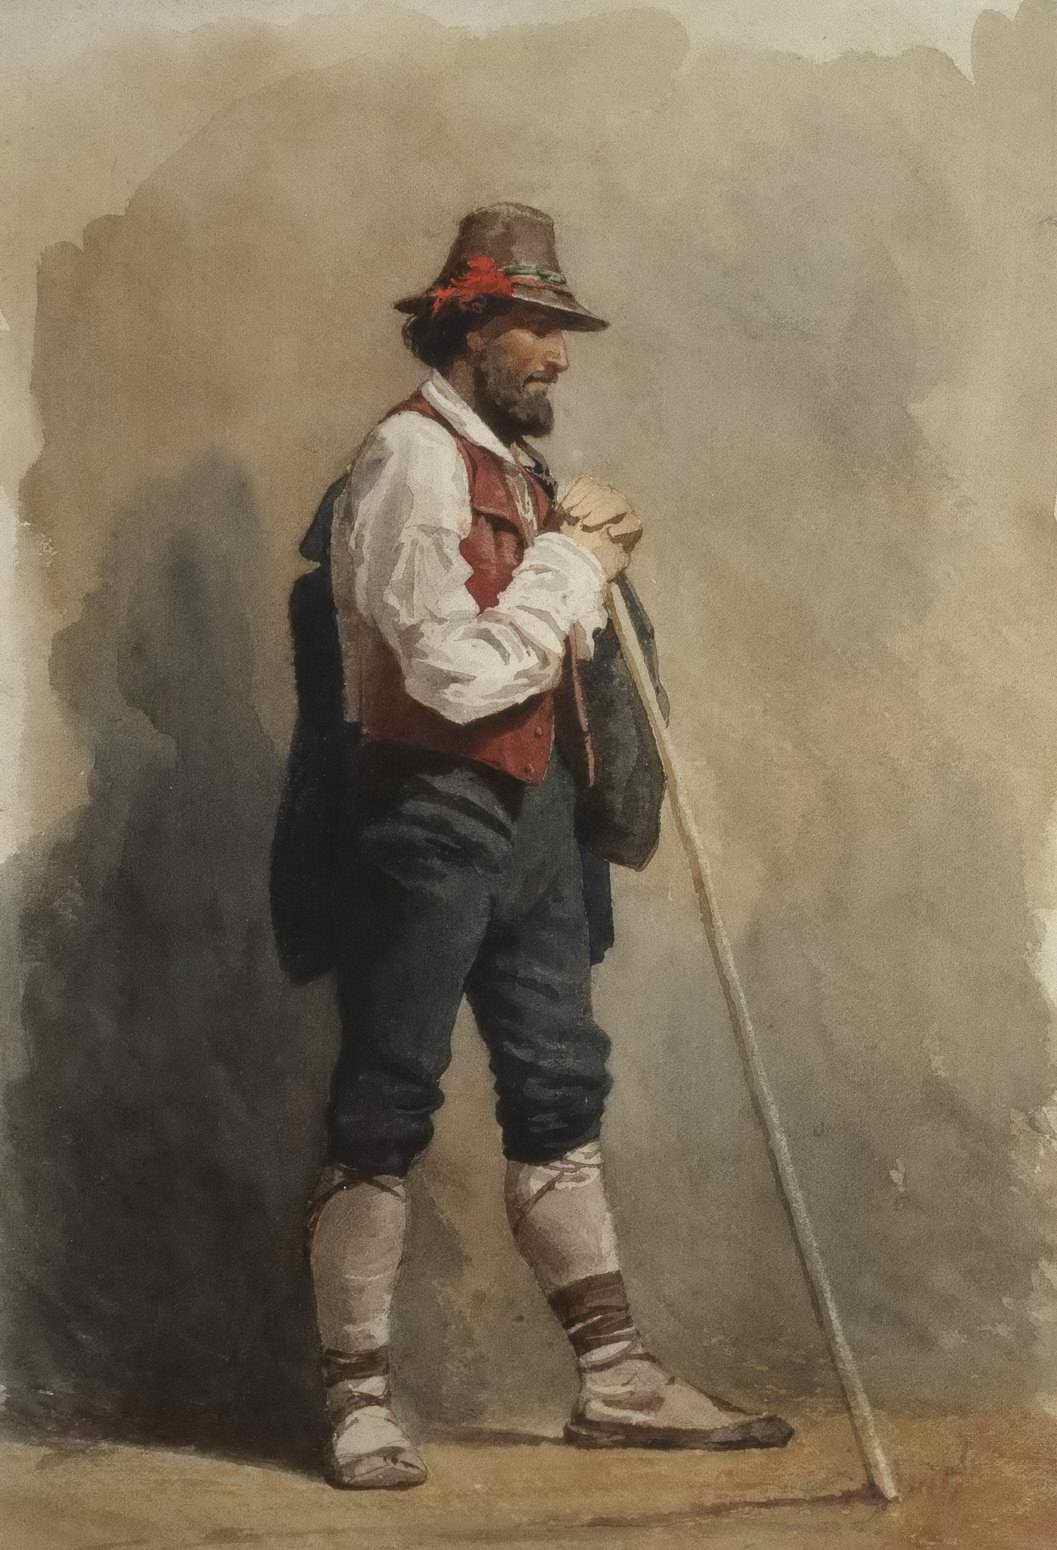 Брюллов П.А. - Мужская фигура в шляпе и пальто